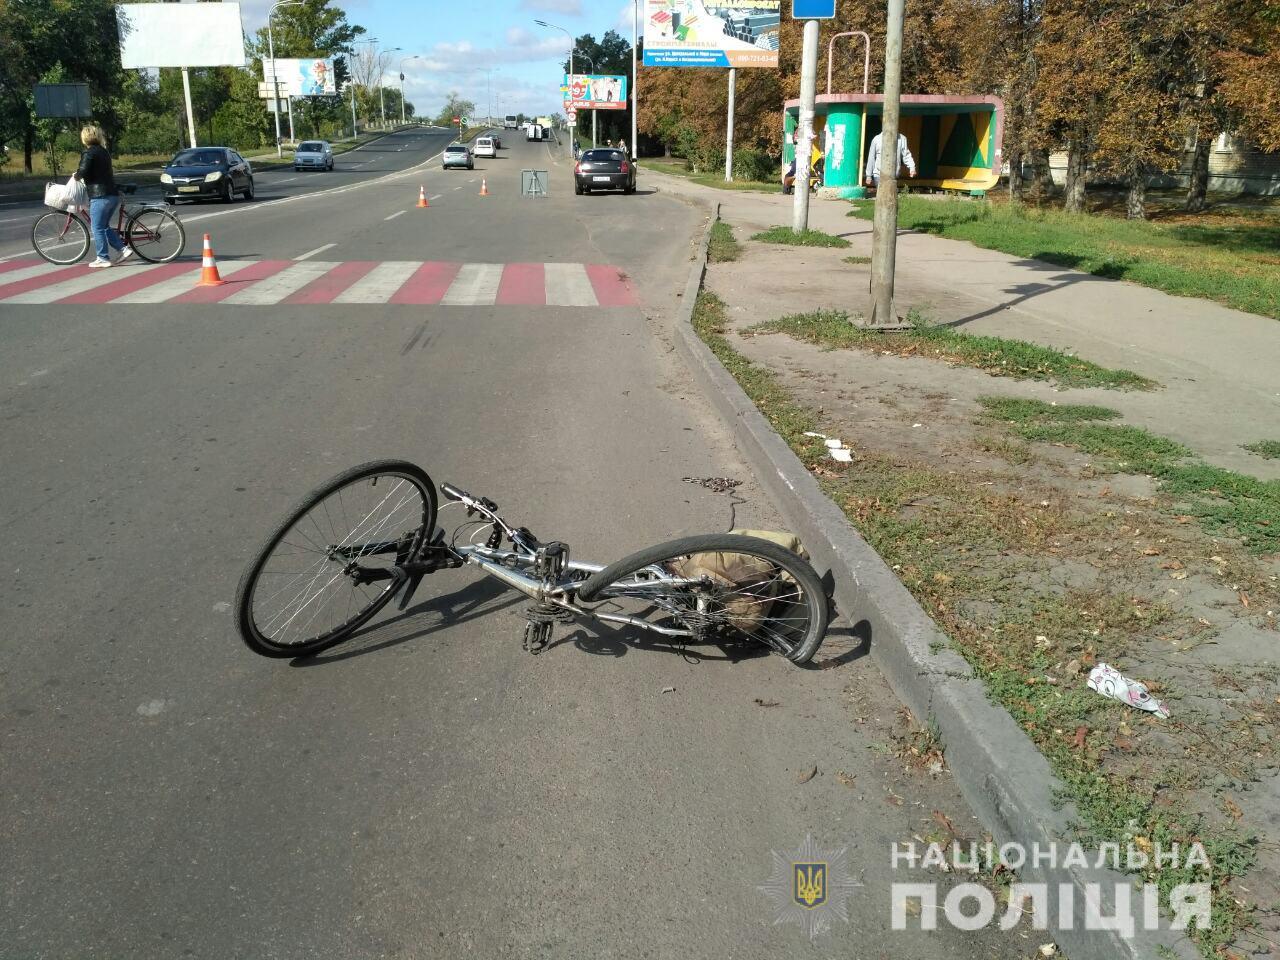 ДТП с велосипедистом: водитель двухколесного транспорта сильно пострадал. Новости Днепра